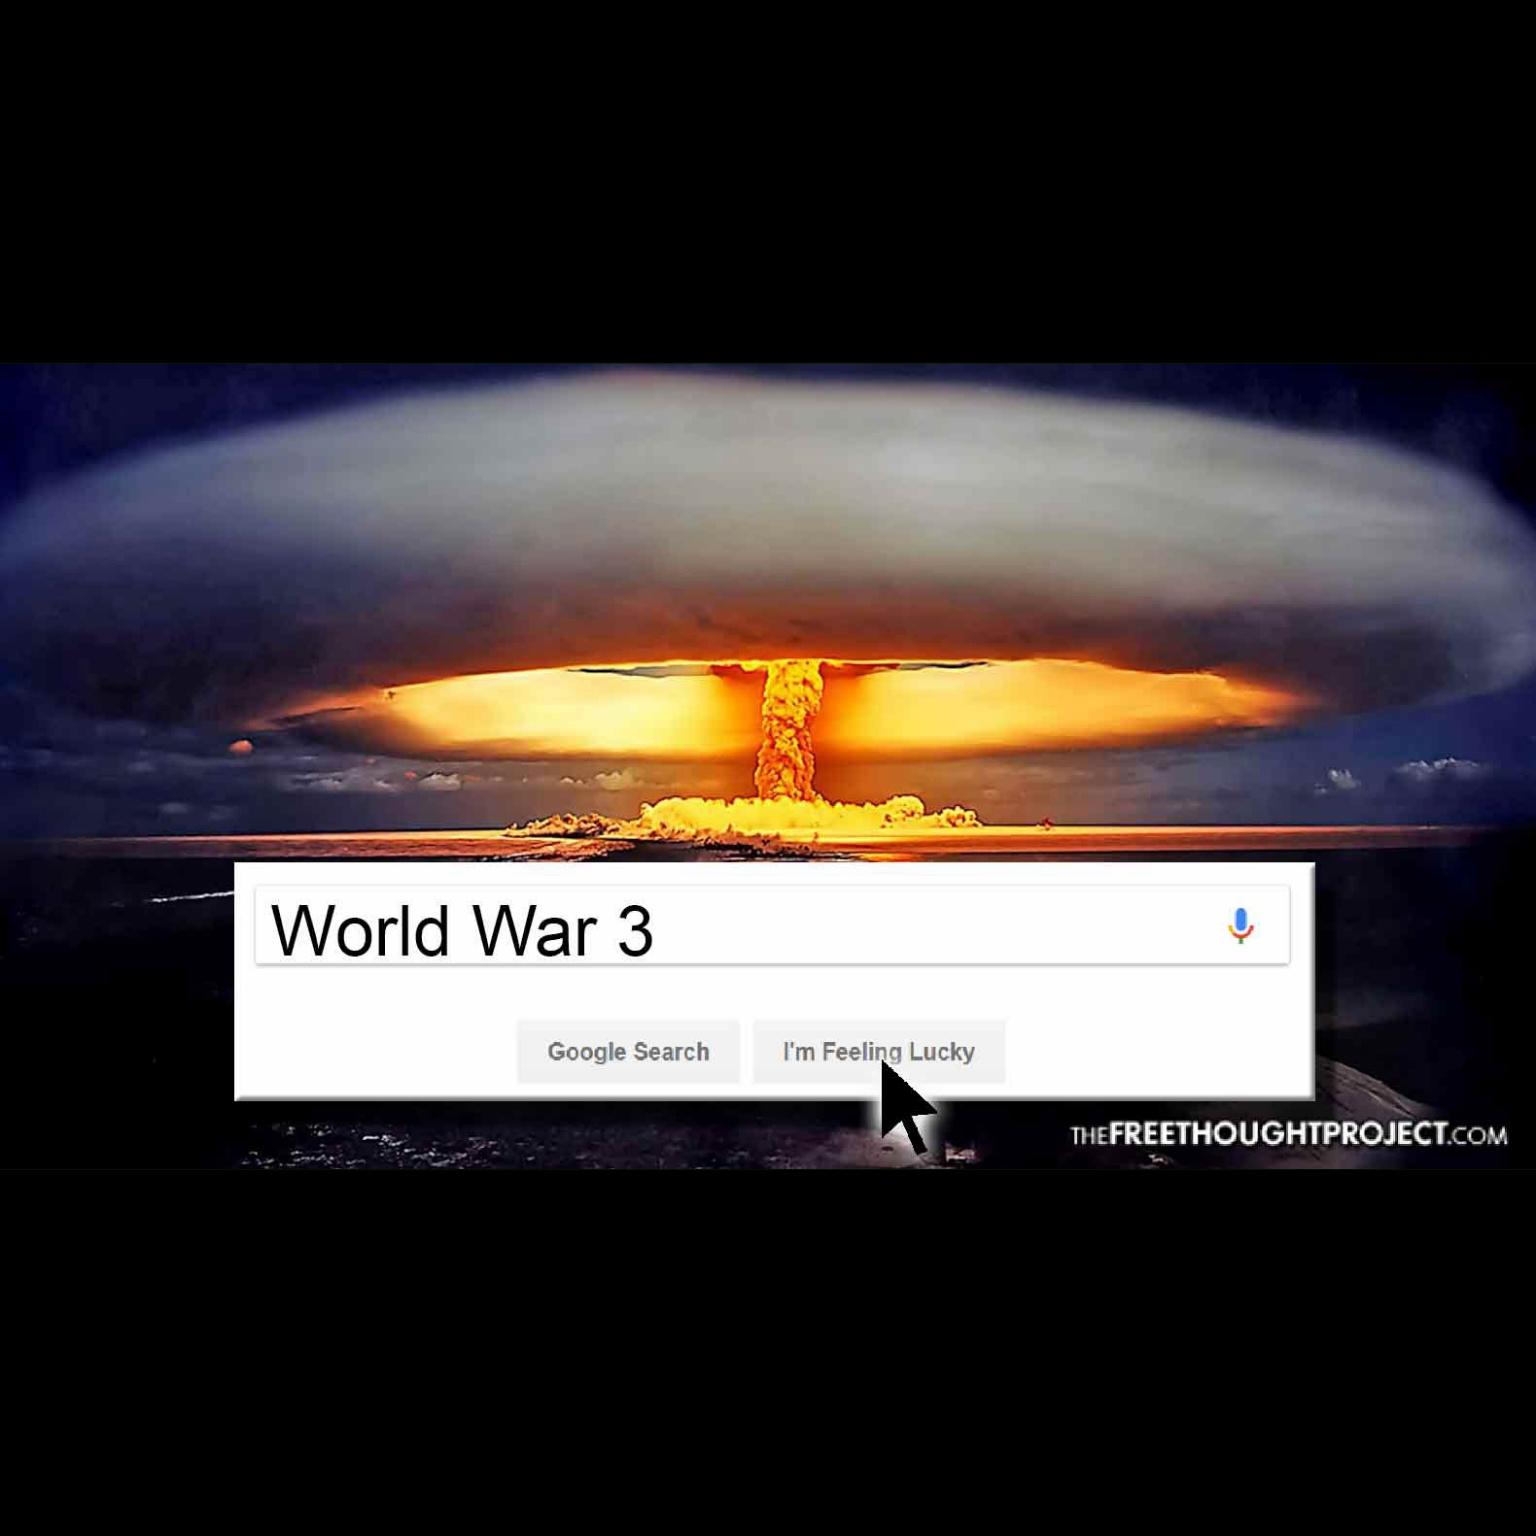 Ο νέος ολοκληρωτισμός και η αντίδραση-Ένας παγκόσμιος πόλεμος, διαφορετικός